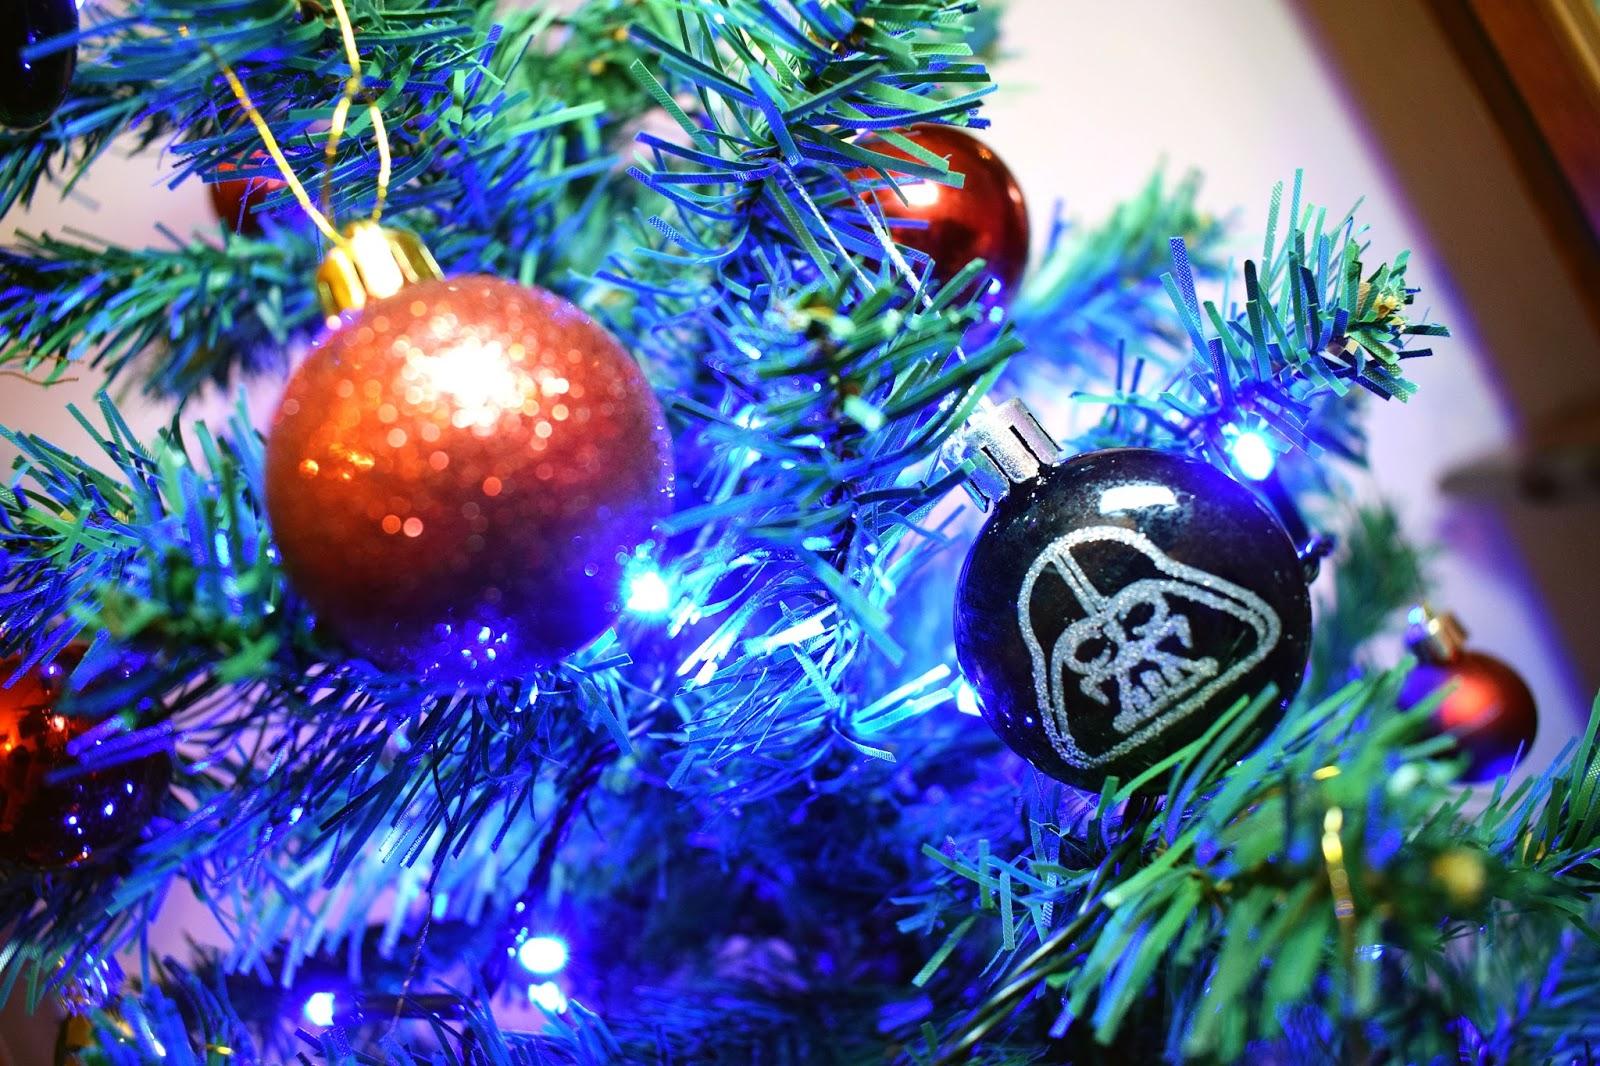 lebellelavie - Christmas decorations for under £20